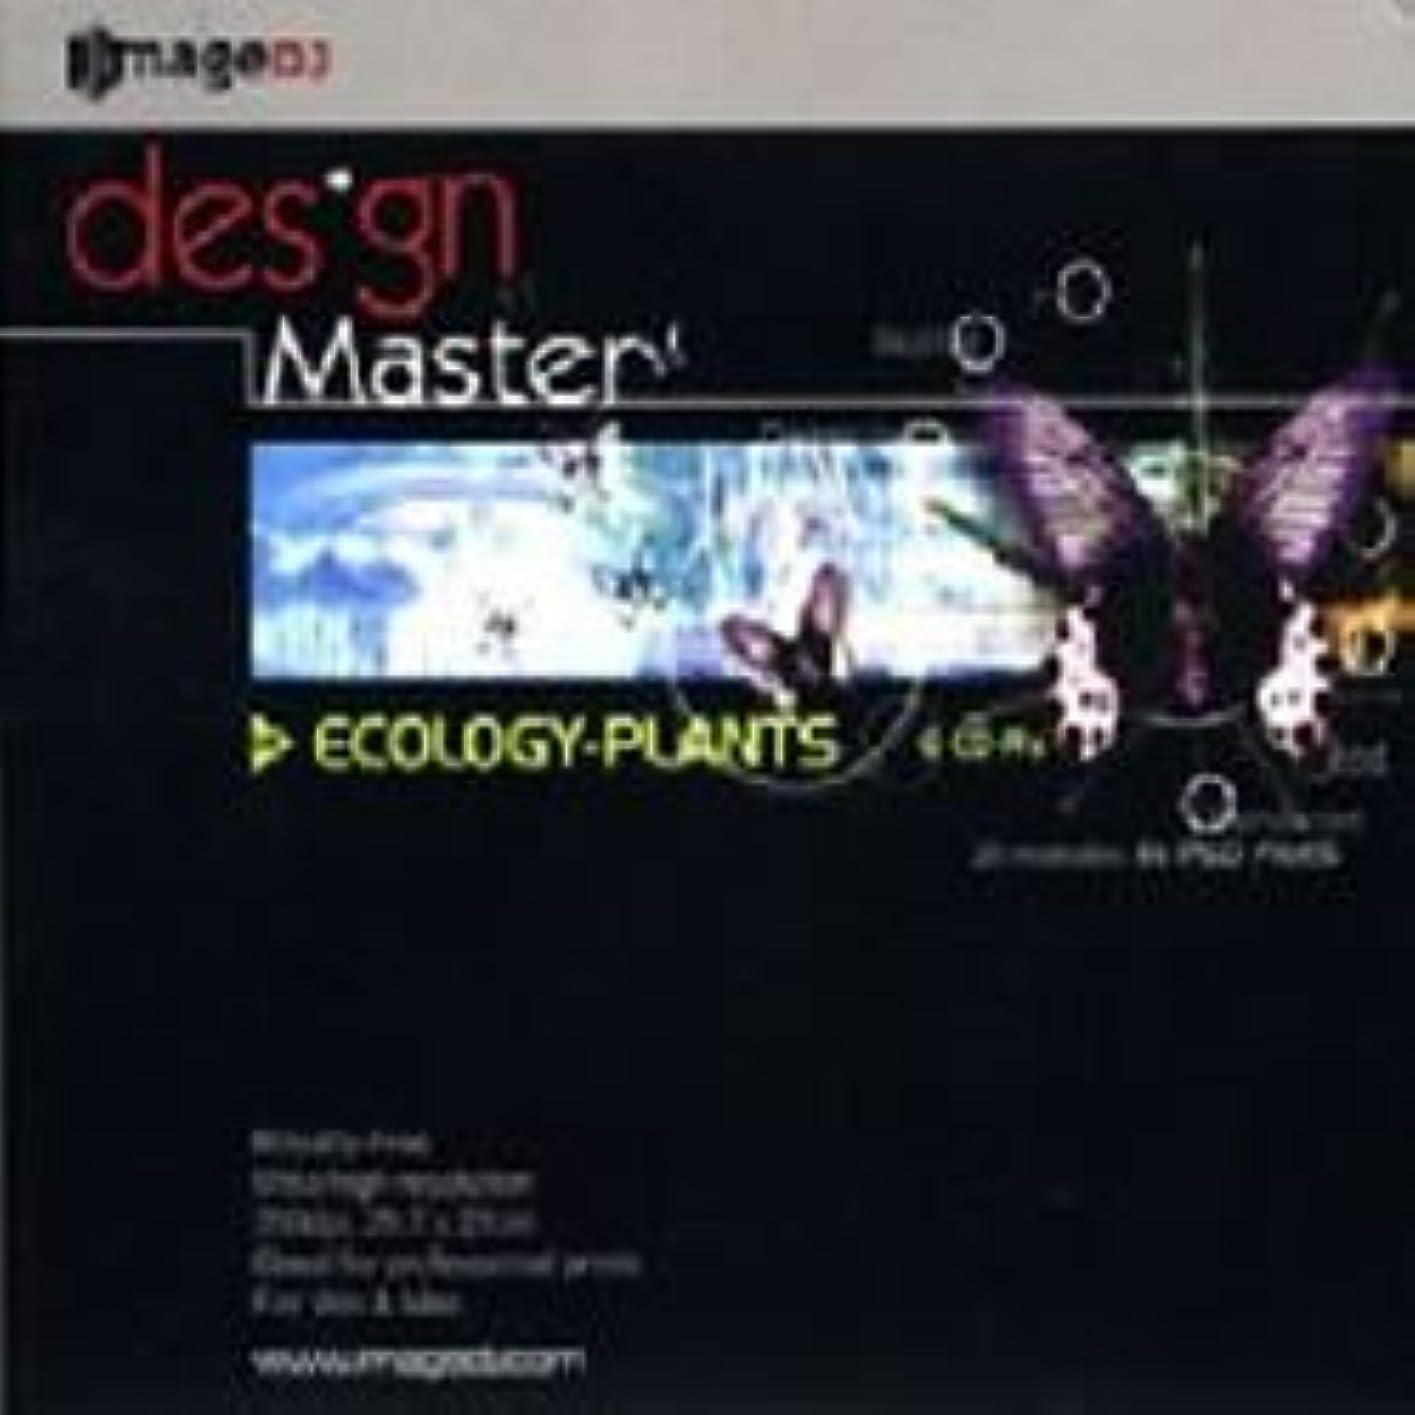 業界赤外線細いデザイン マスター Vol.14 植物生態